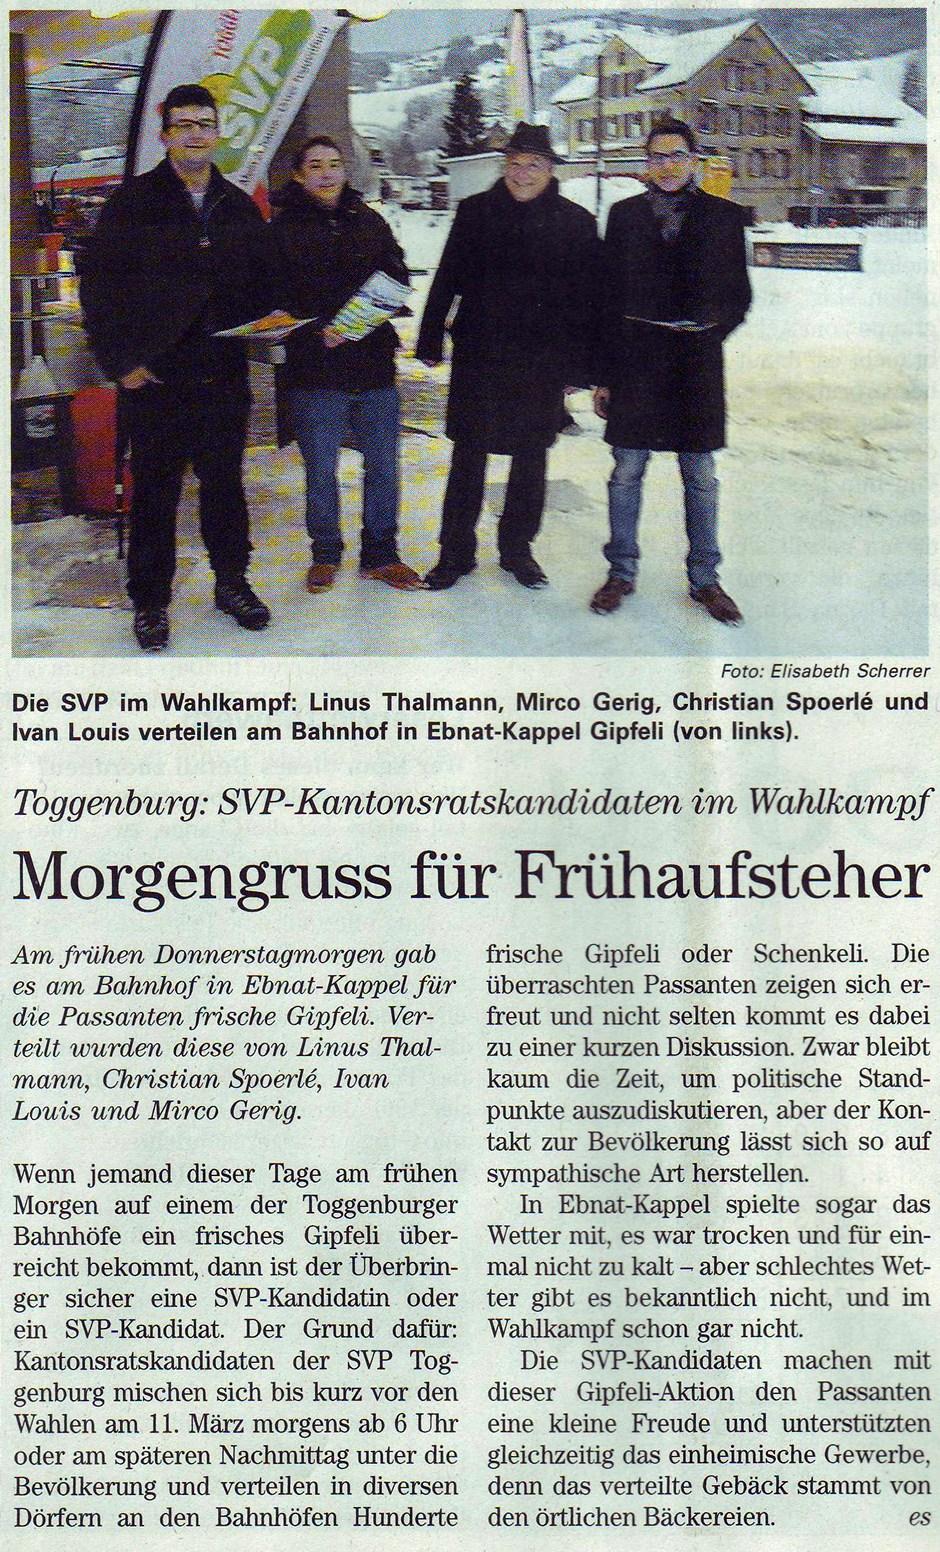 Morgengruss für Frühaufsteher (Freitag, 17.02.2012)